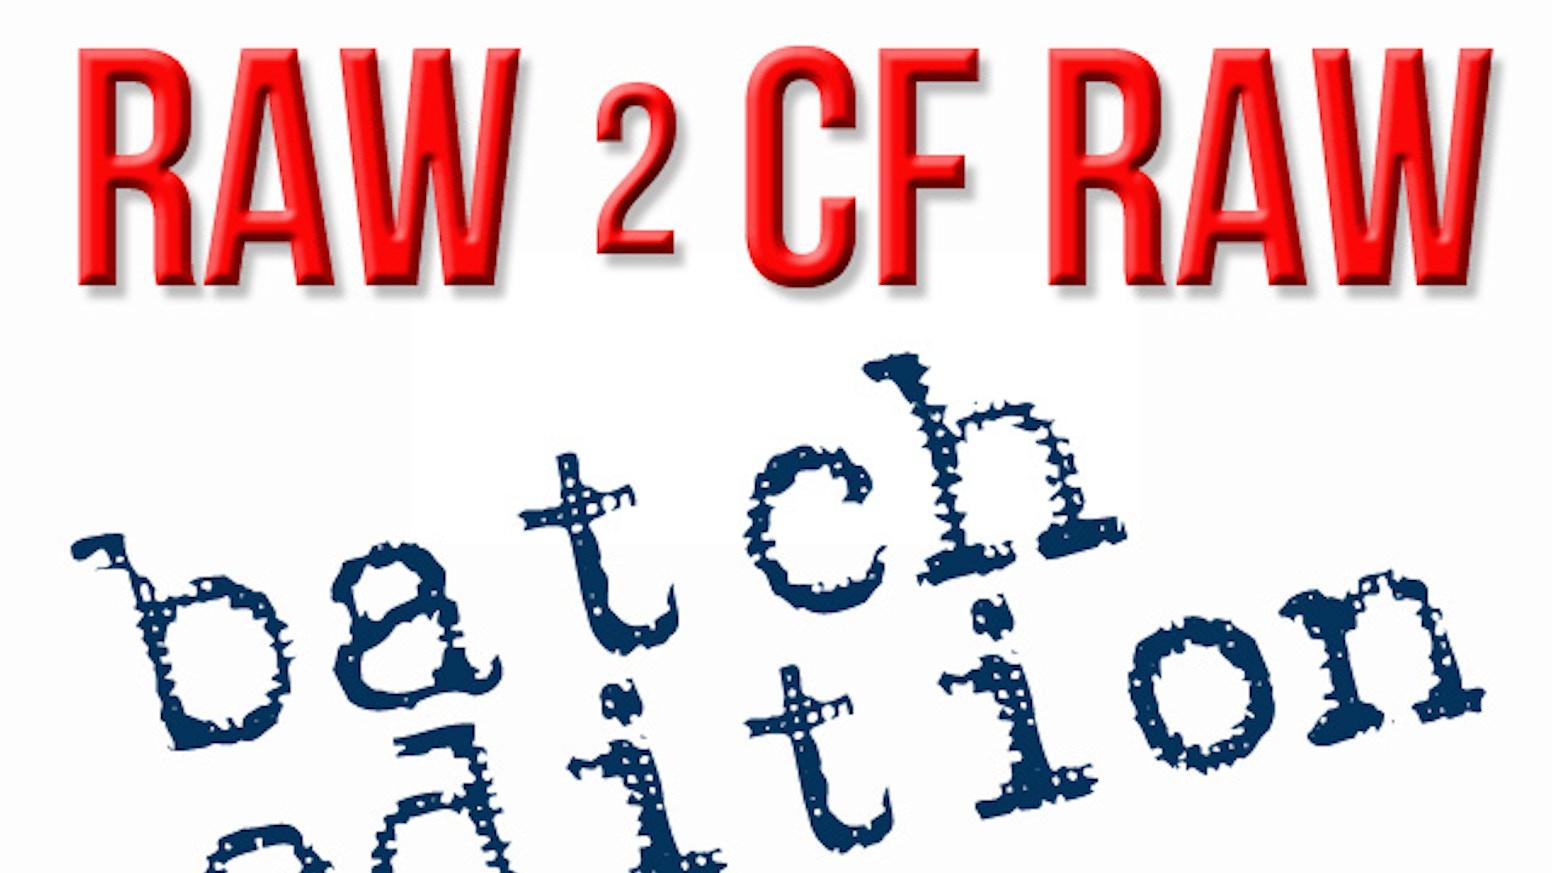 RAW to video raw converter! RAW 2 CF RAW Batch Edition by Alex ...